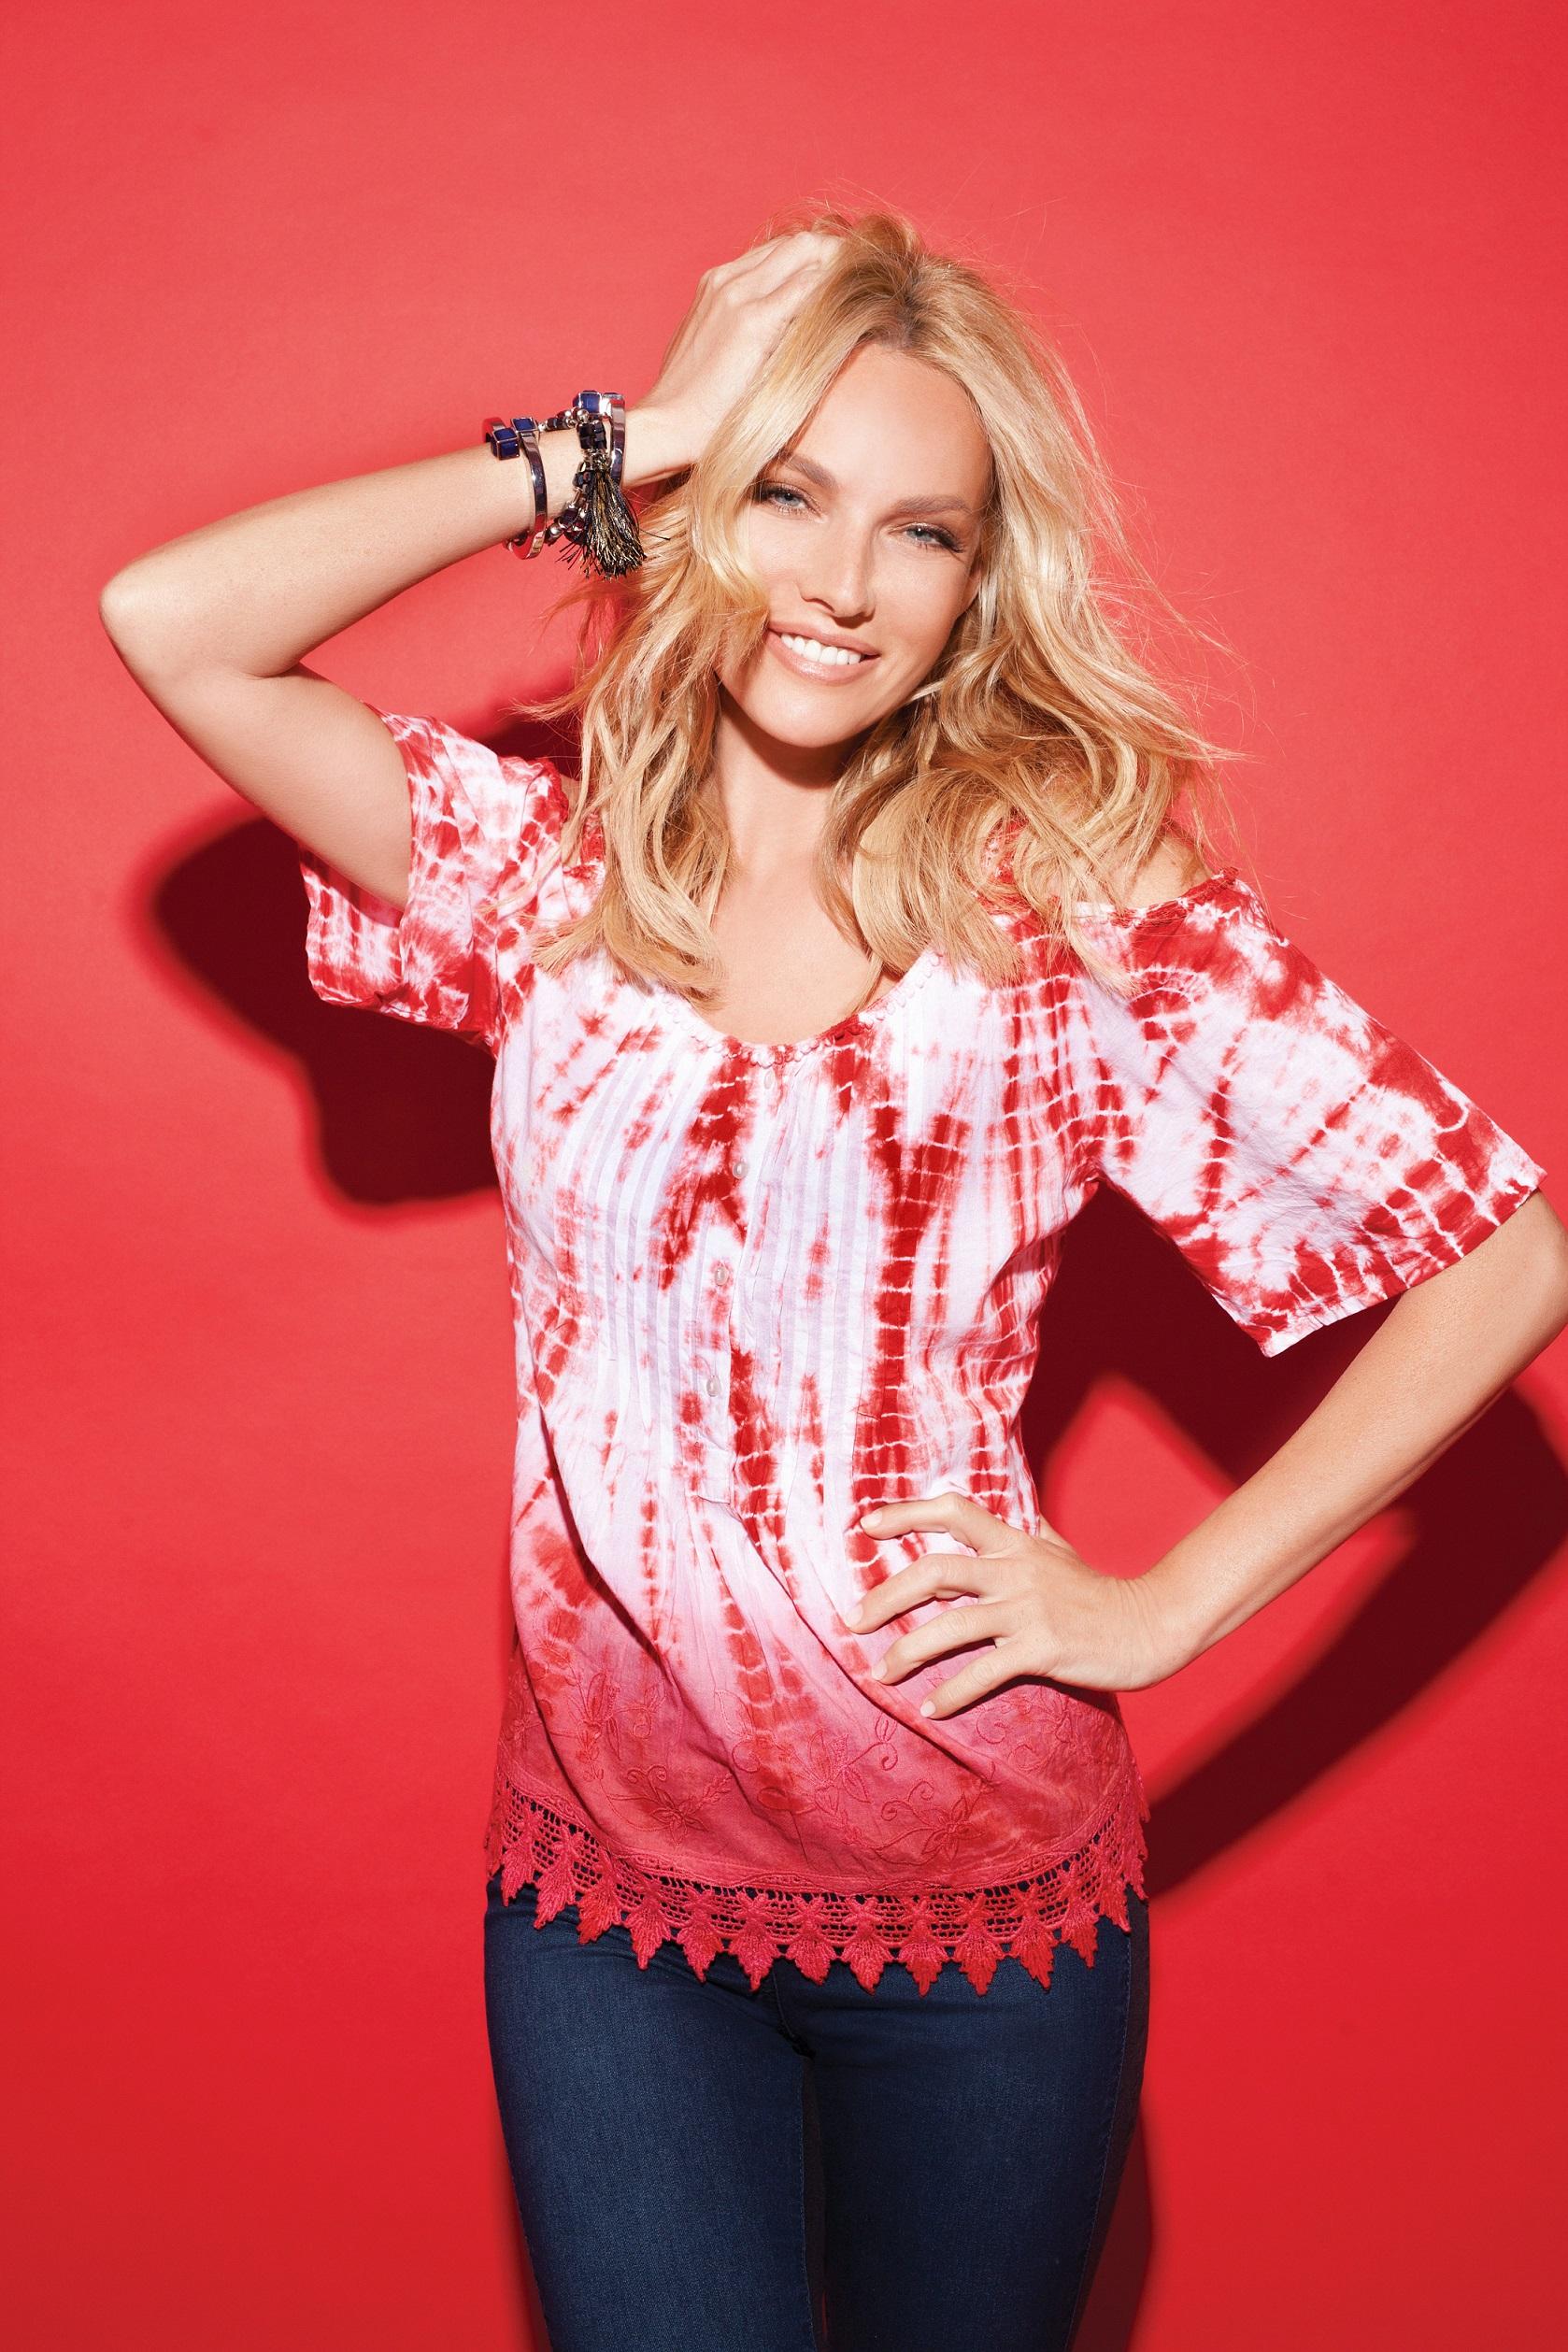 Пик модного сезона: вся летняя коллекция Crazy Line – от 49.90 до 149.90 шек!